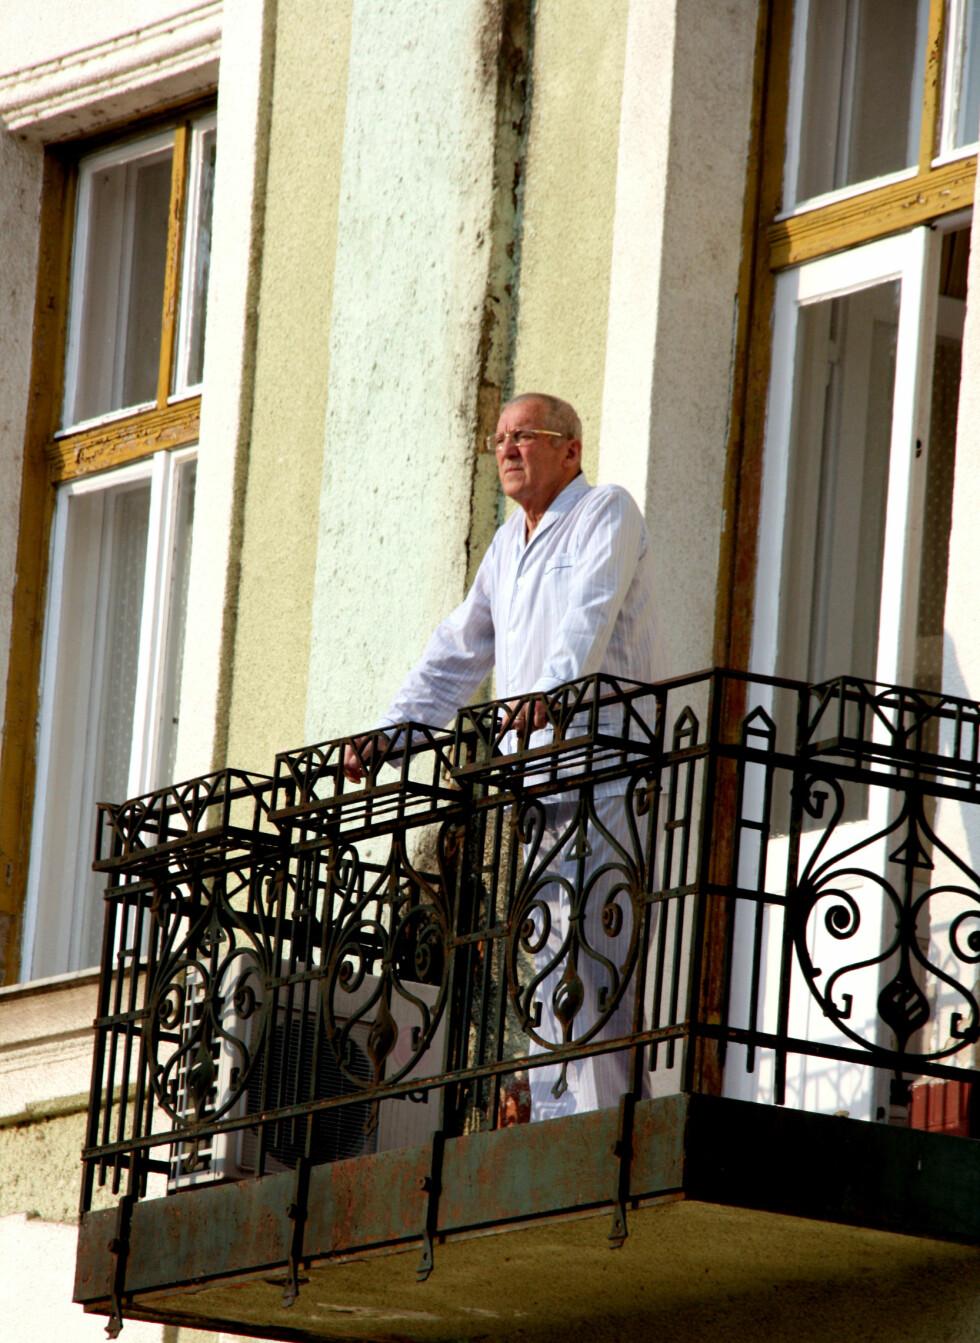 Ungarske myndigheter anerkjenner at Balantonvannet faktisk er helfremmede. Denne mannen tilbringer tiden på et av landets sykehus, i de fredfulle omgivelsene rundt Balaton.